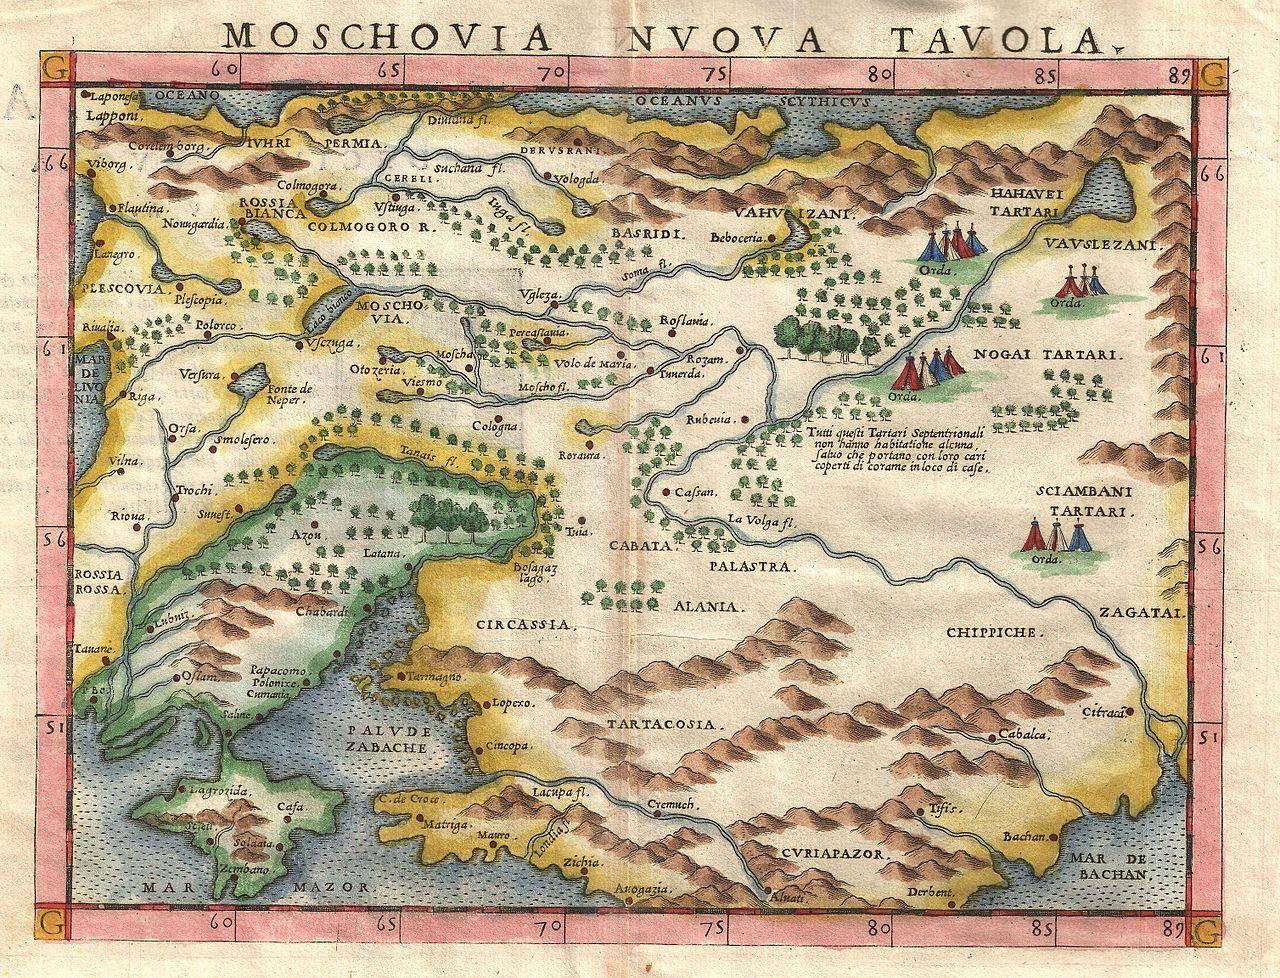 Ein kostenloses Foto einer alten Landkarte, gefunden auf der kostenlosen Foto-Download-Seite Geographicus